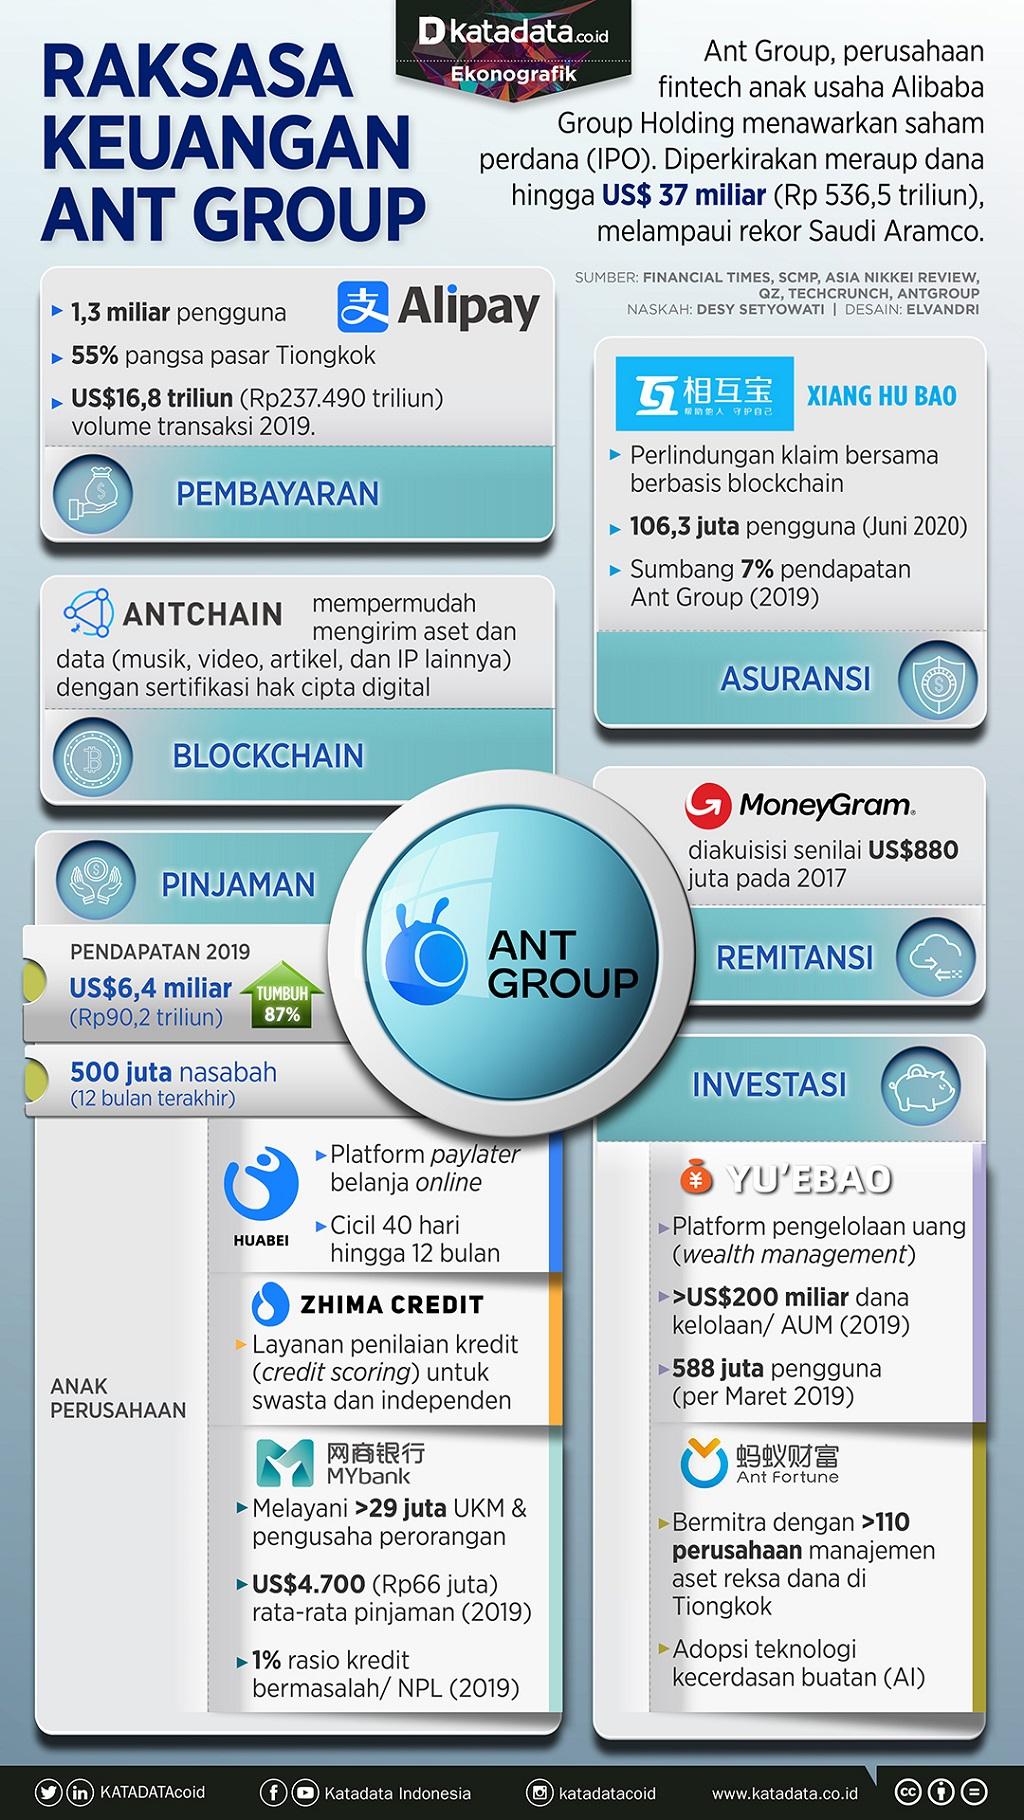 Infografik_Raksasa keuangan Ant Group